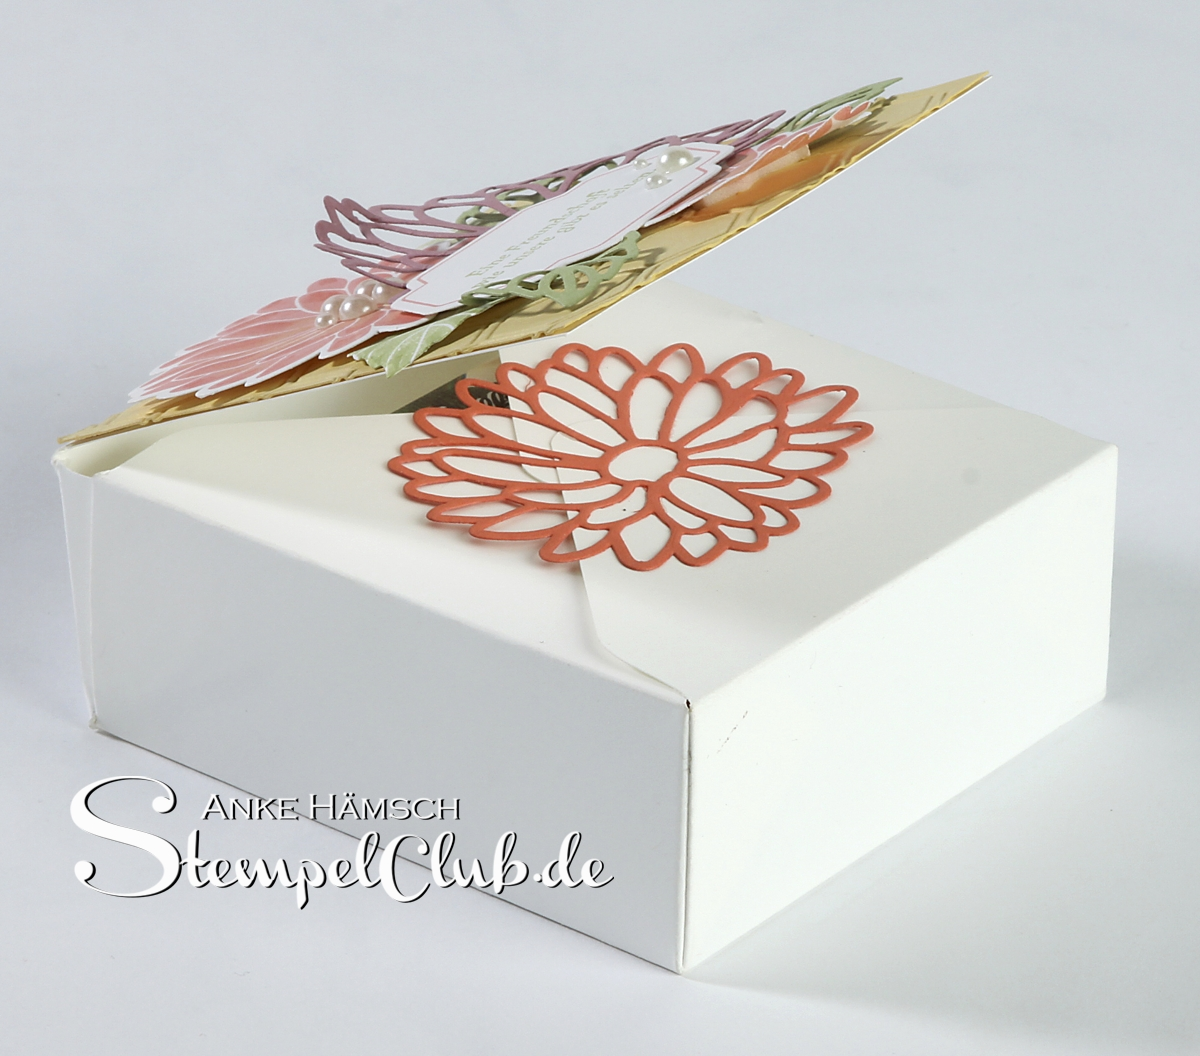 Besondere Grüße, eine Verpackung für Seife mit dem Envelope Punchboard